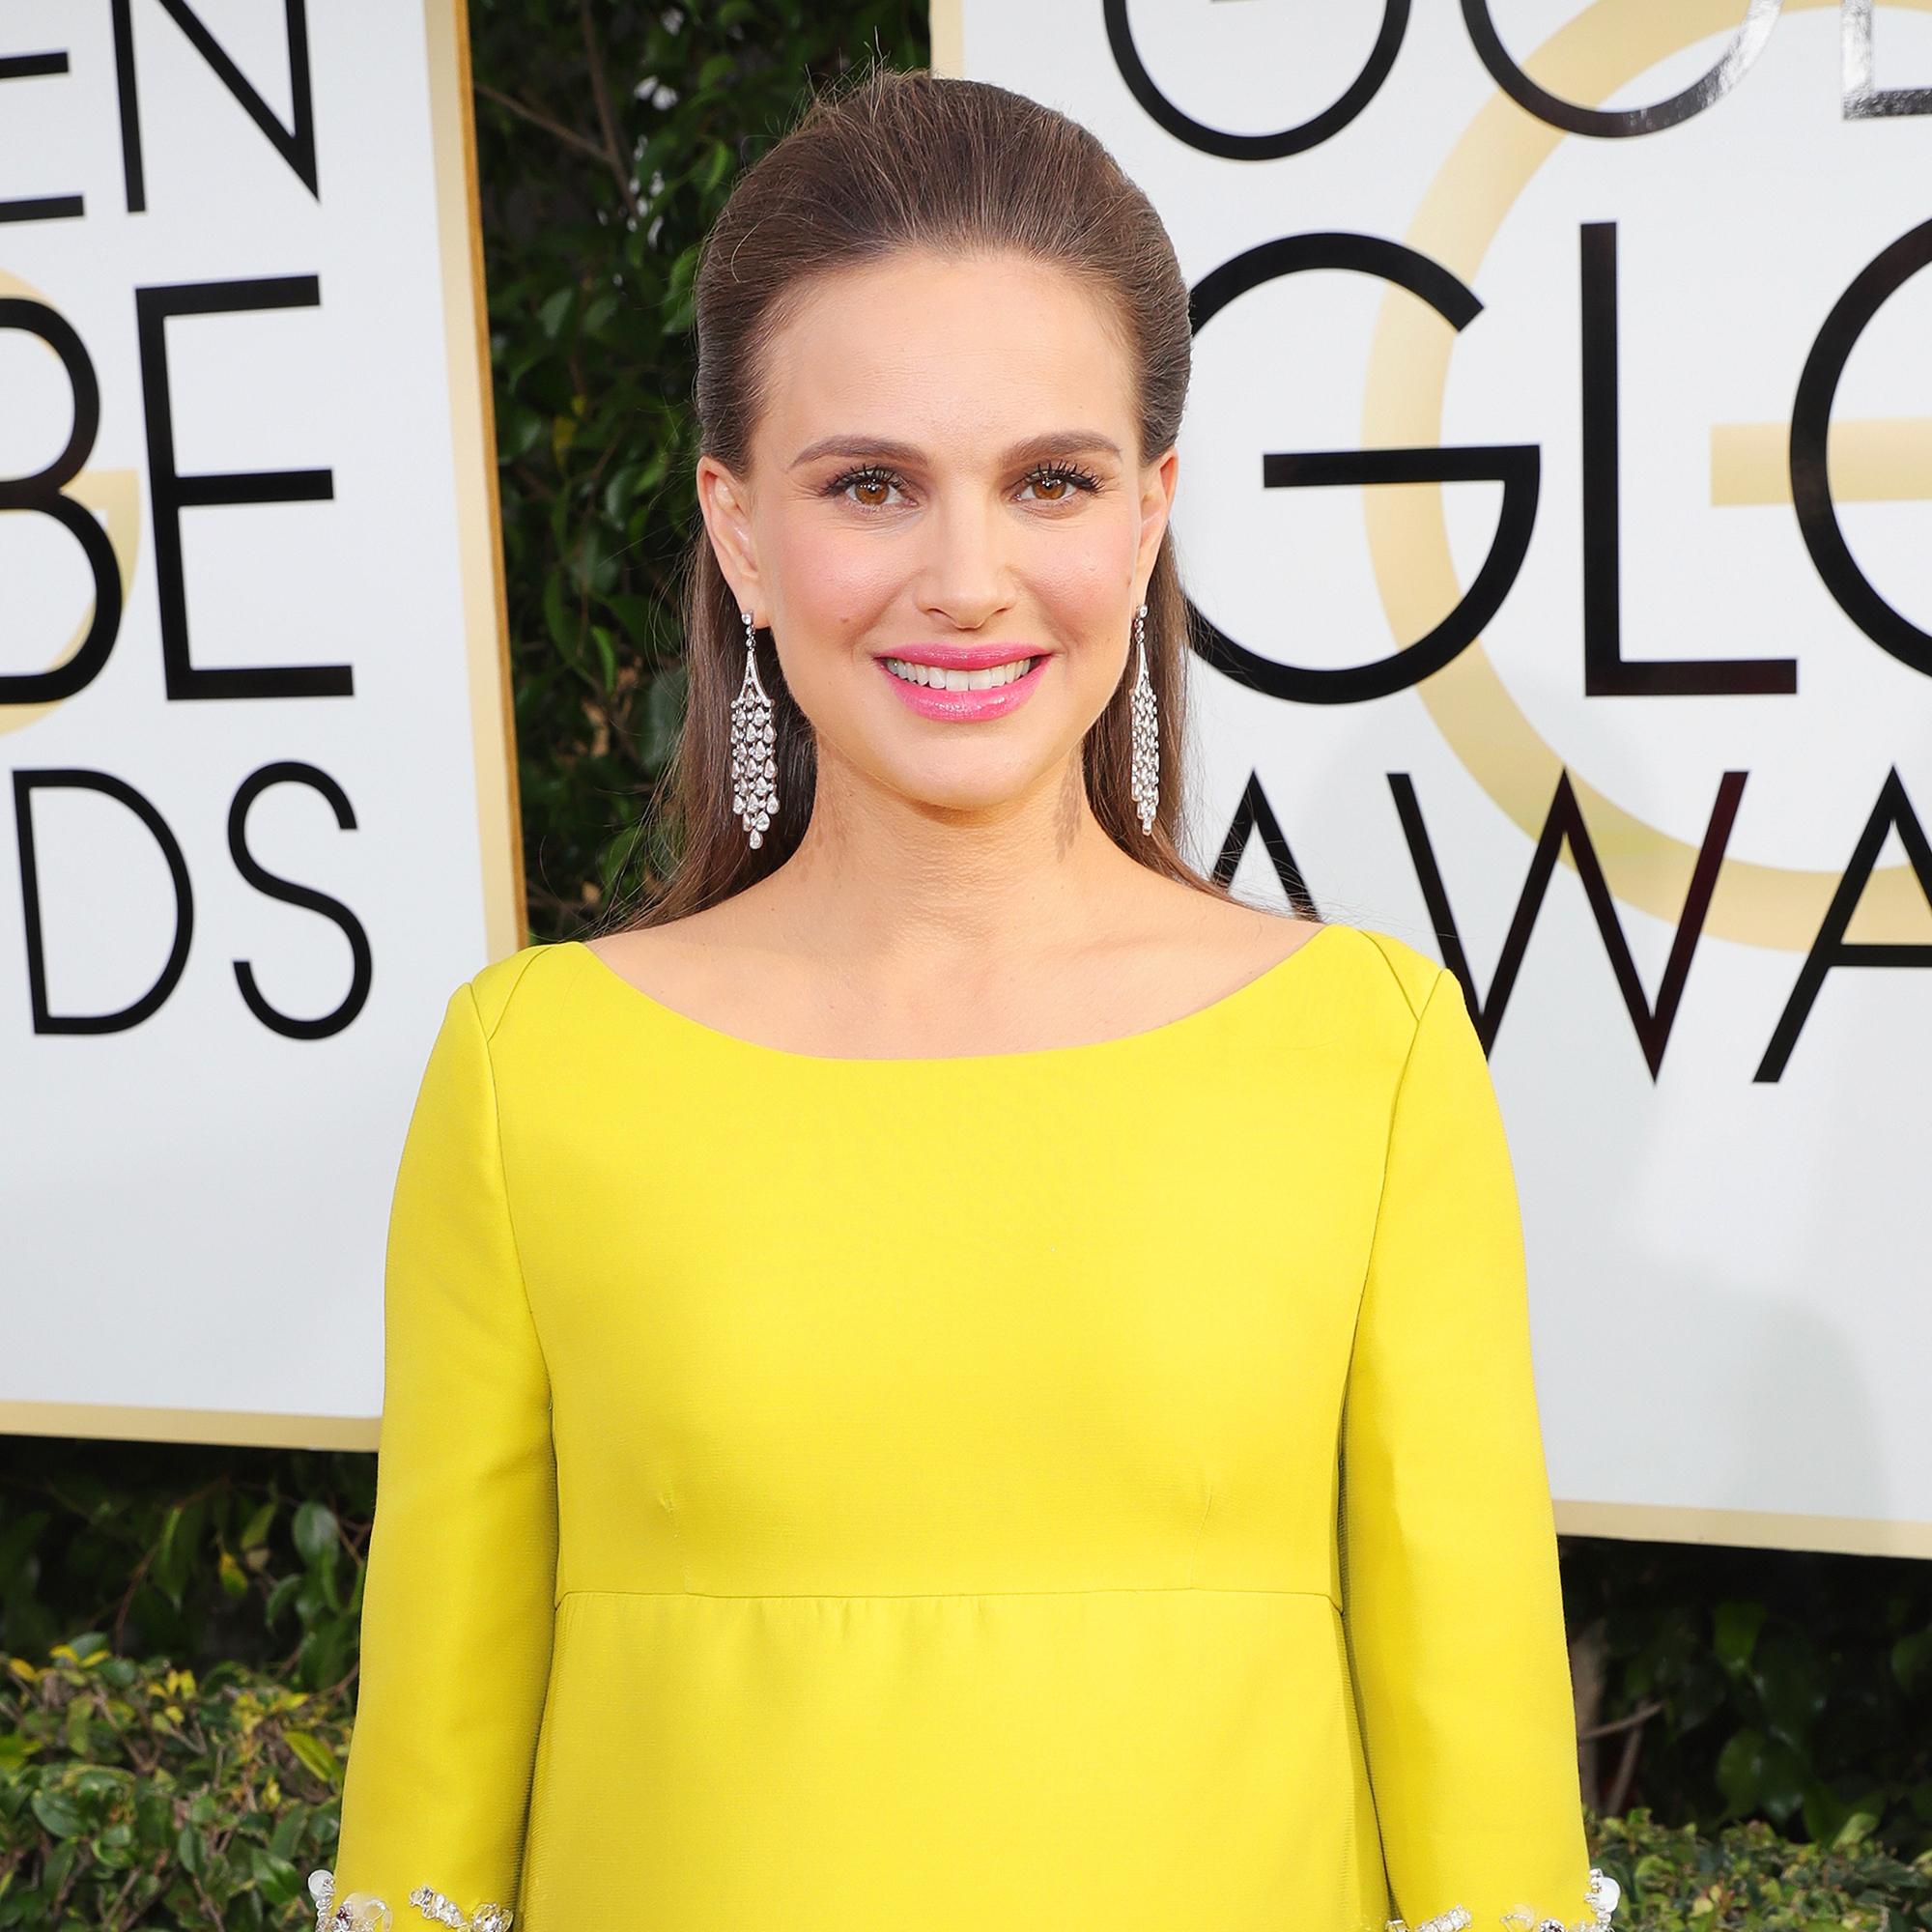 8ebd78a8edec 2017 Golden Globes Red Carpet  Natalie Portman Channels Jackie Kennedy